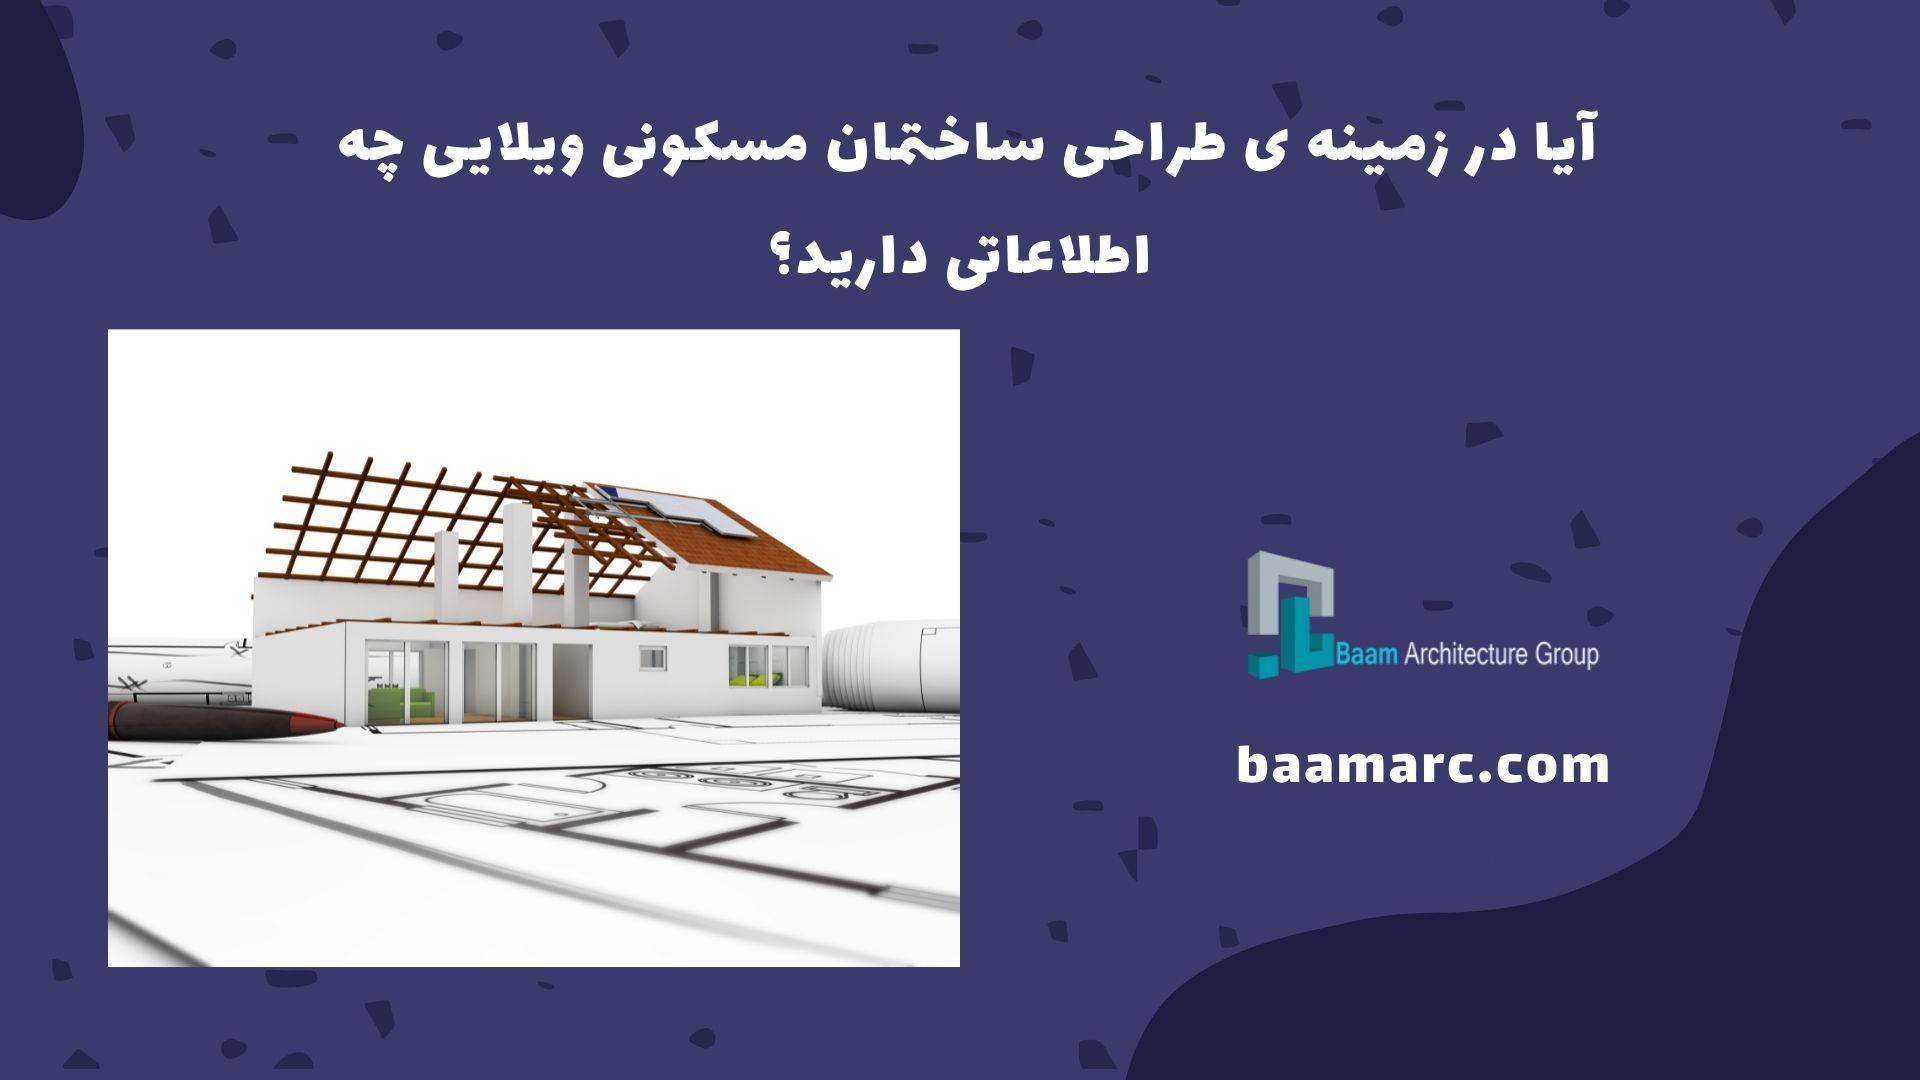 آیا در زمینه ی طراحی ساختمان مسکونی ویلایی چه اطلاعاتی دارید؟